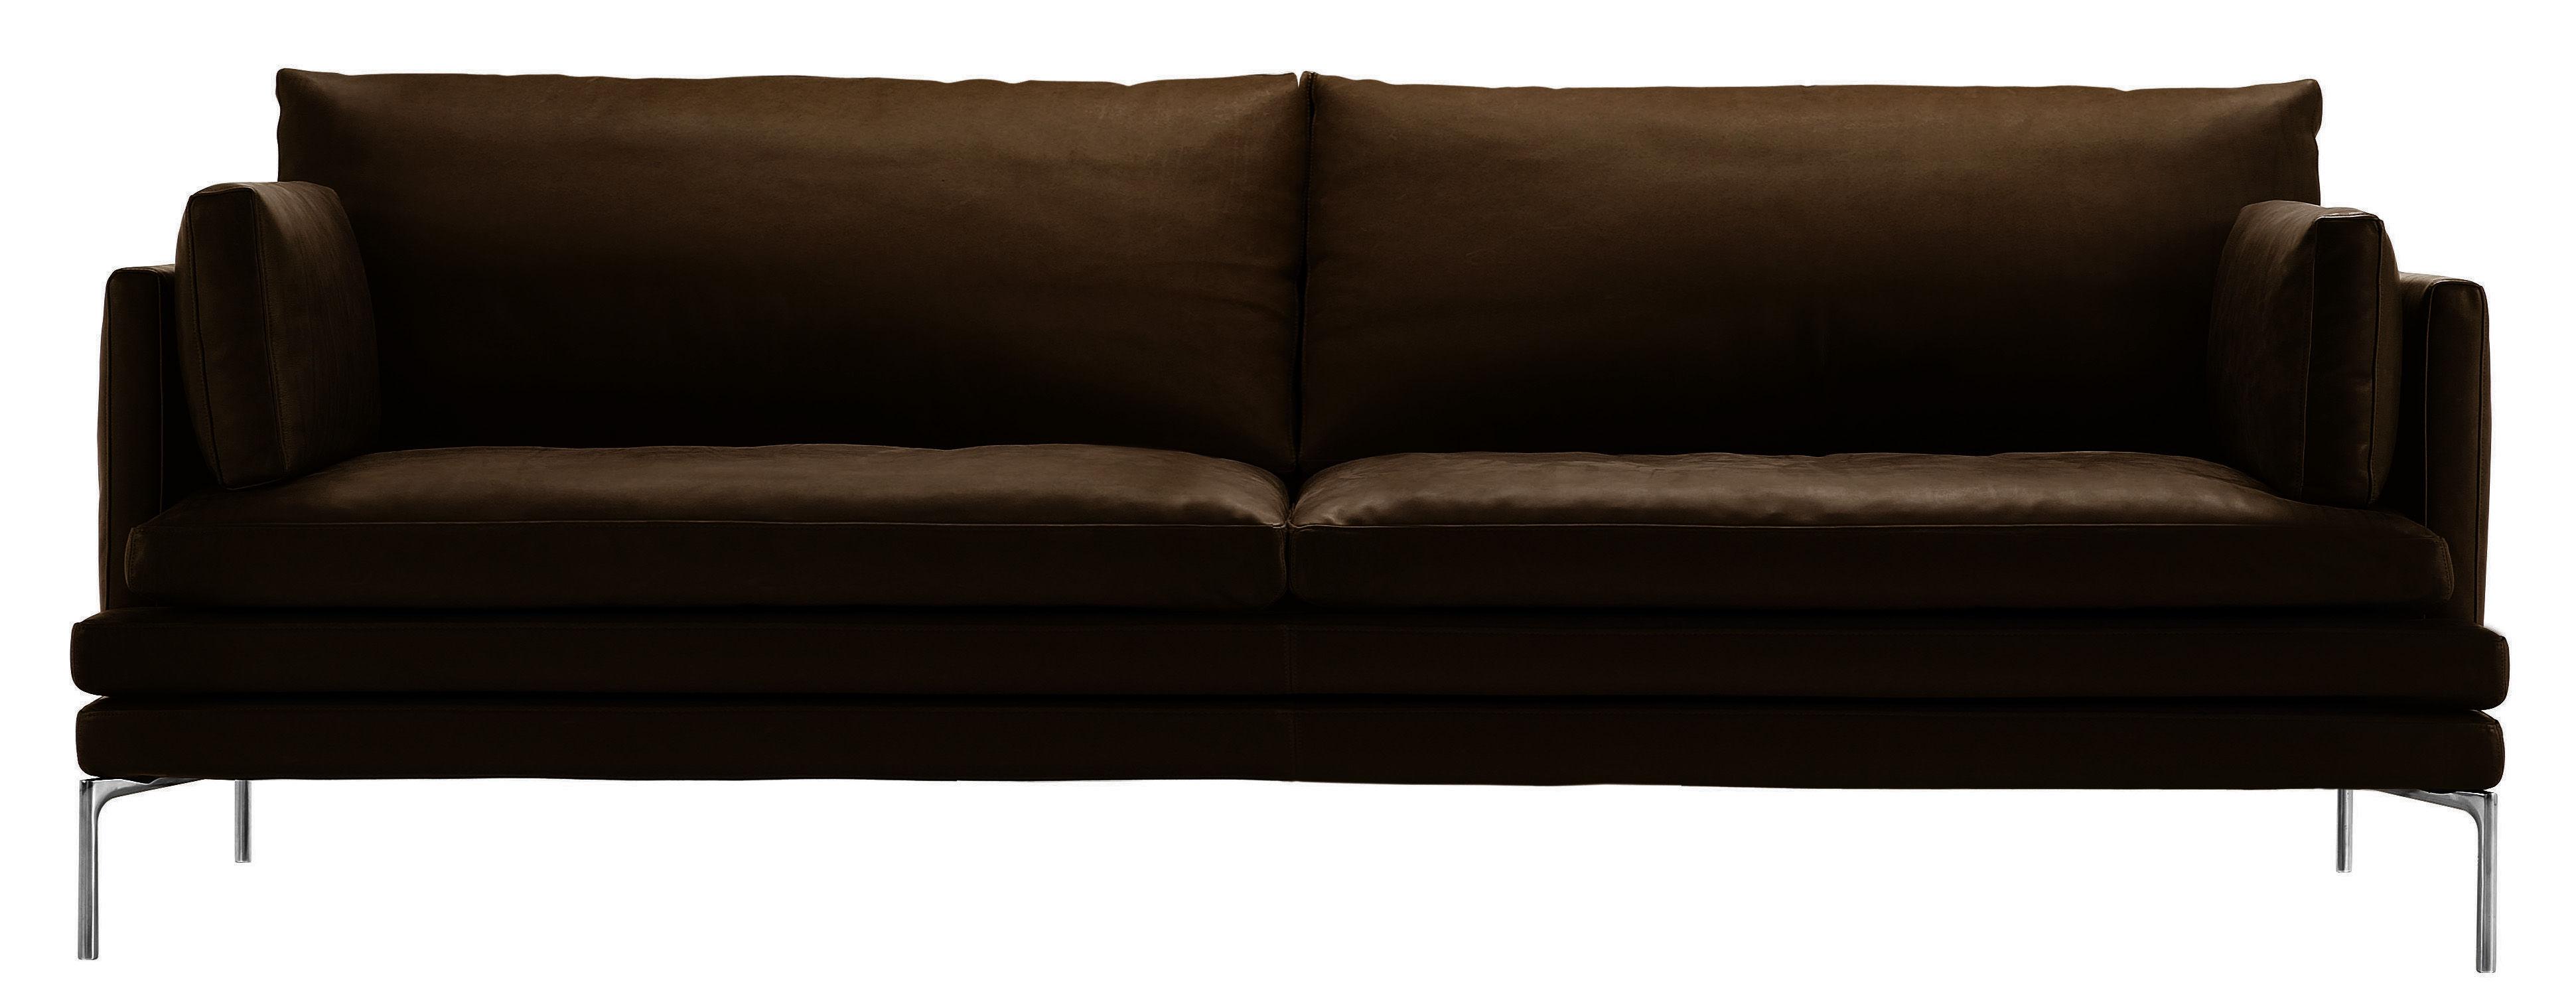 Arredamento - Divani moderni - Divano destro William - versione in cuoio - 2 posti - L 224 cm di Zanotta - Cuoio - Marrone scuro - Alluminio lucido, Pelle